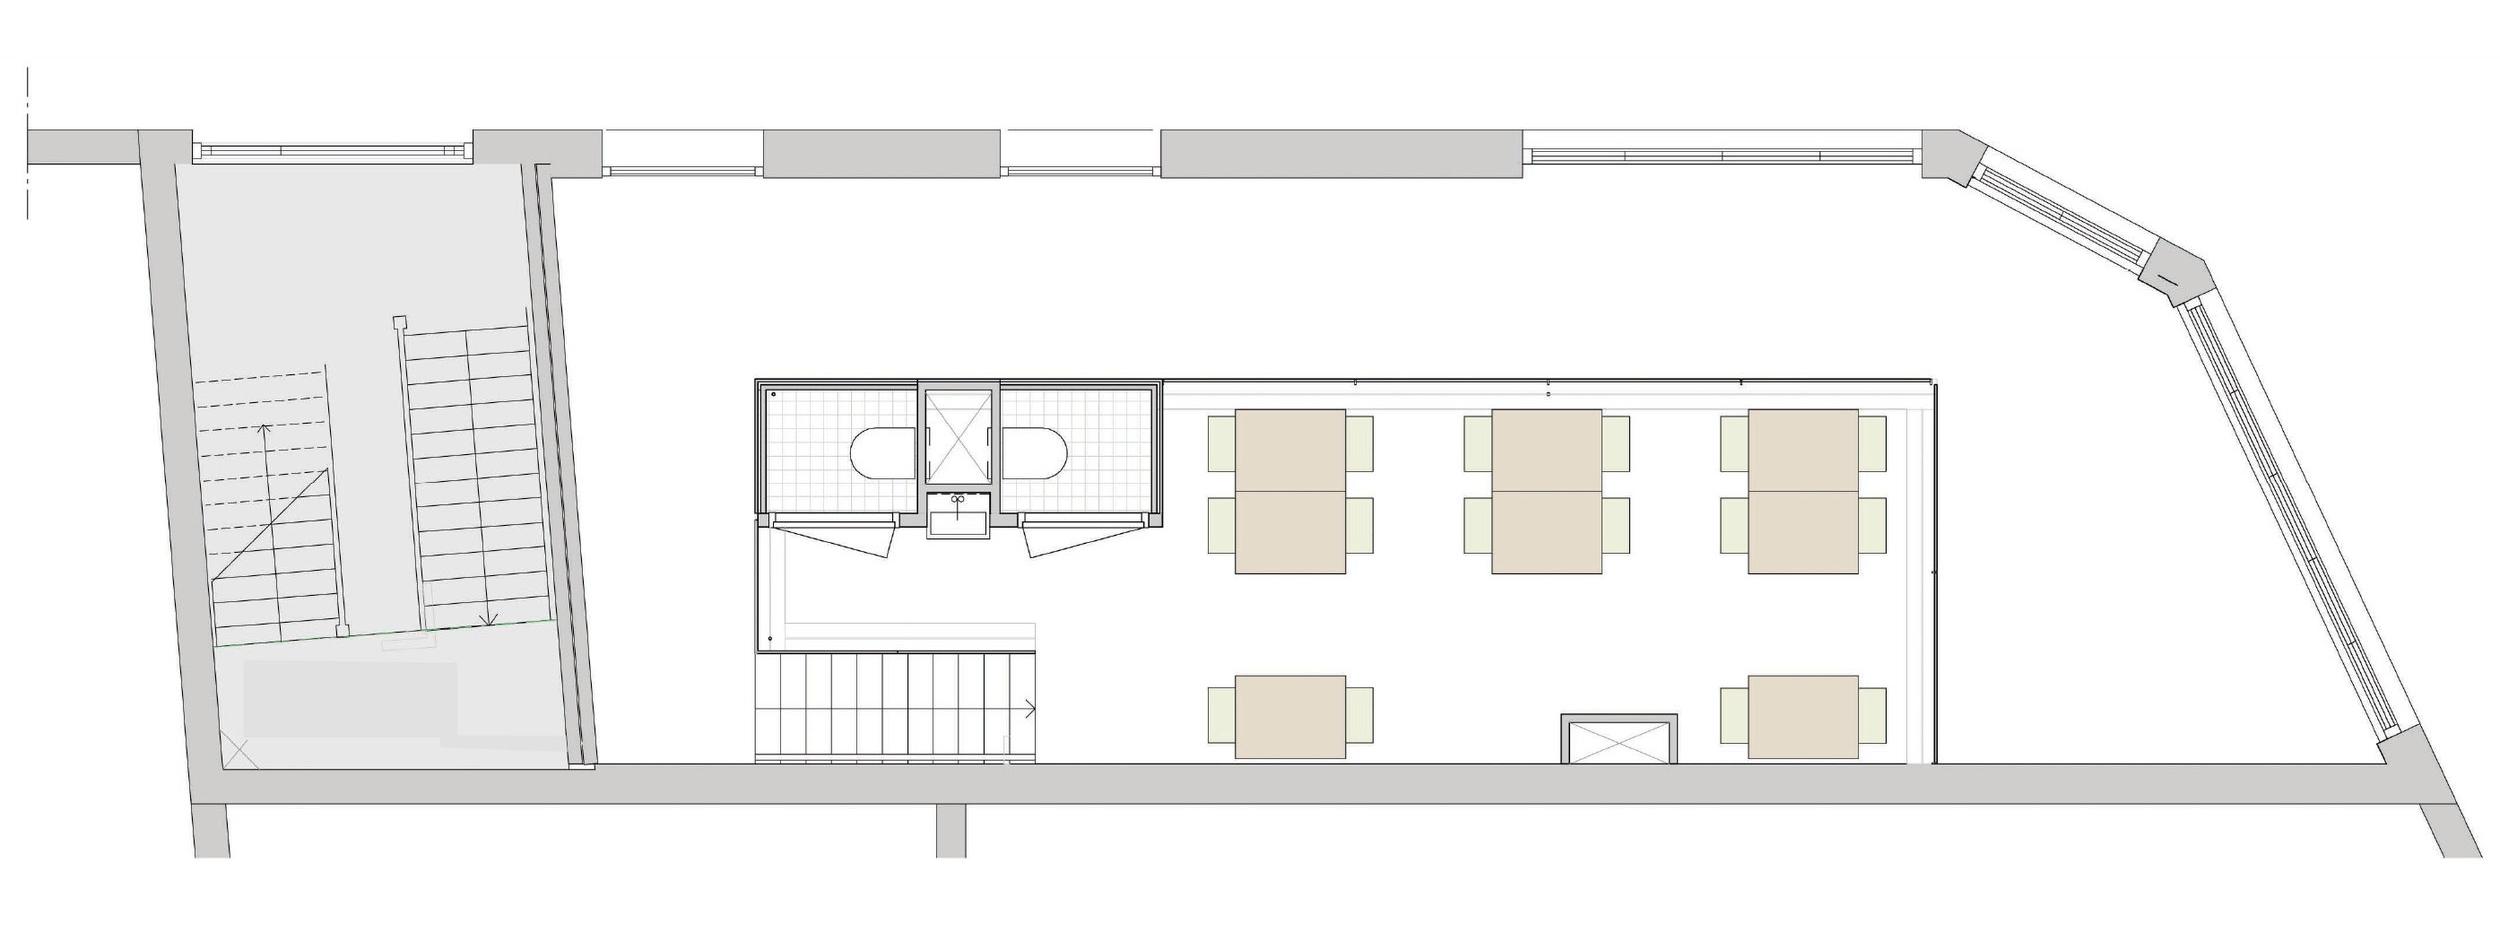 plan of the mezzanine